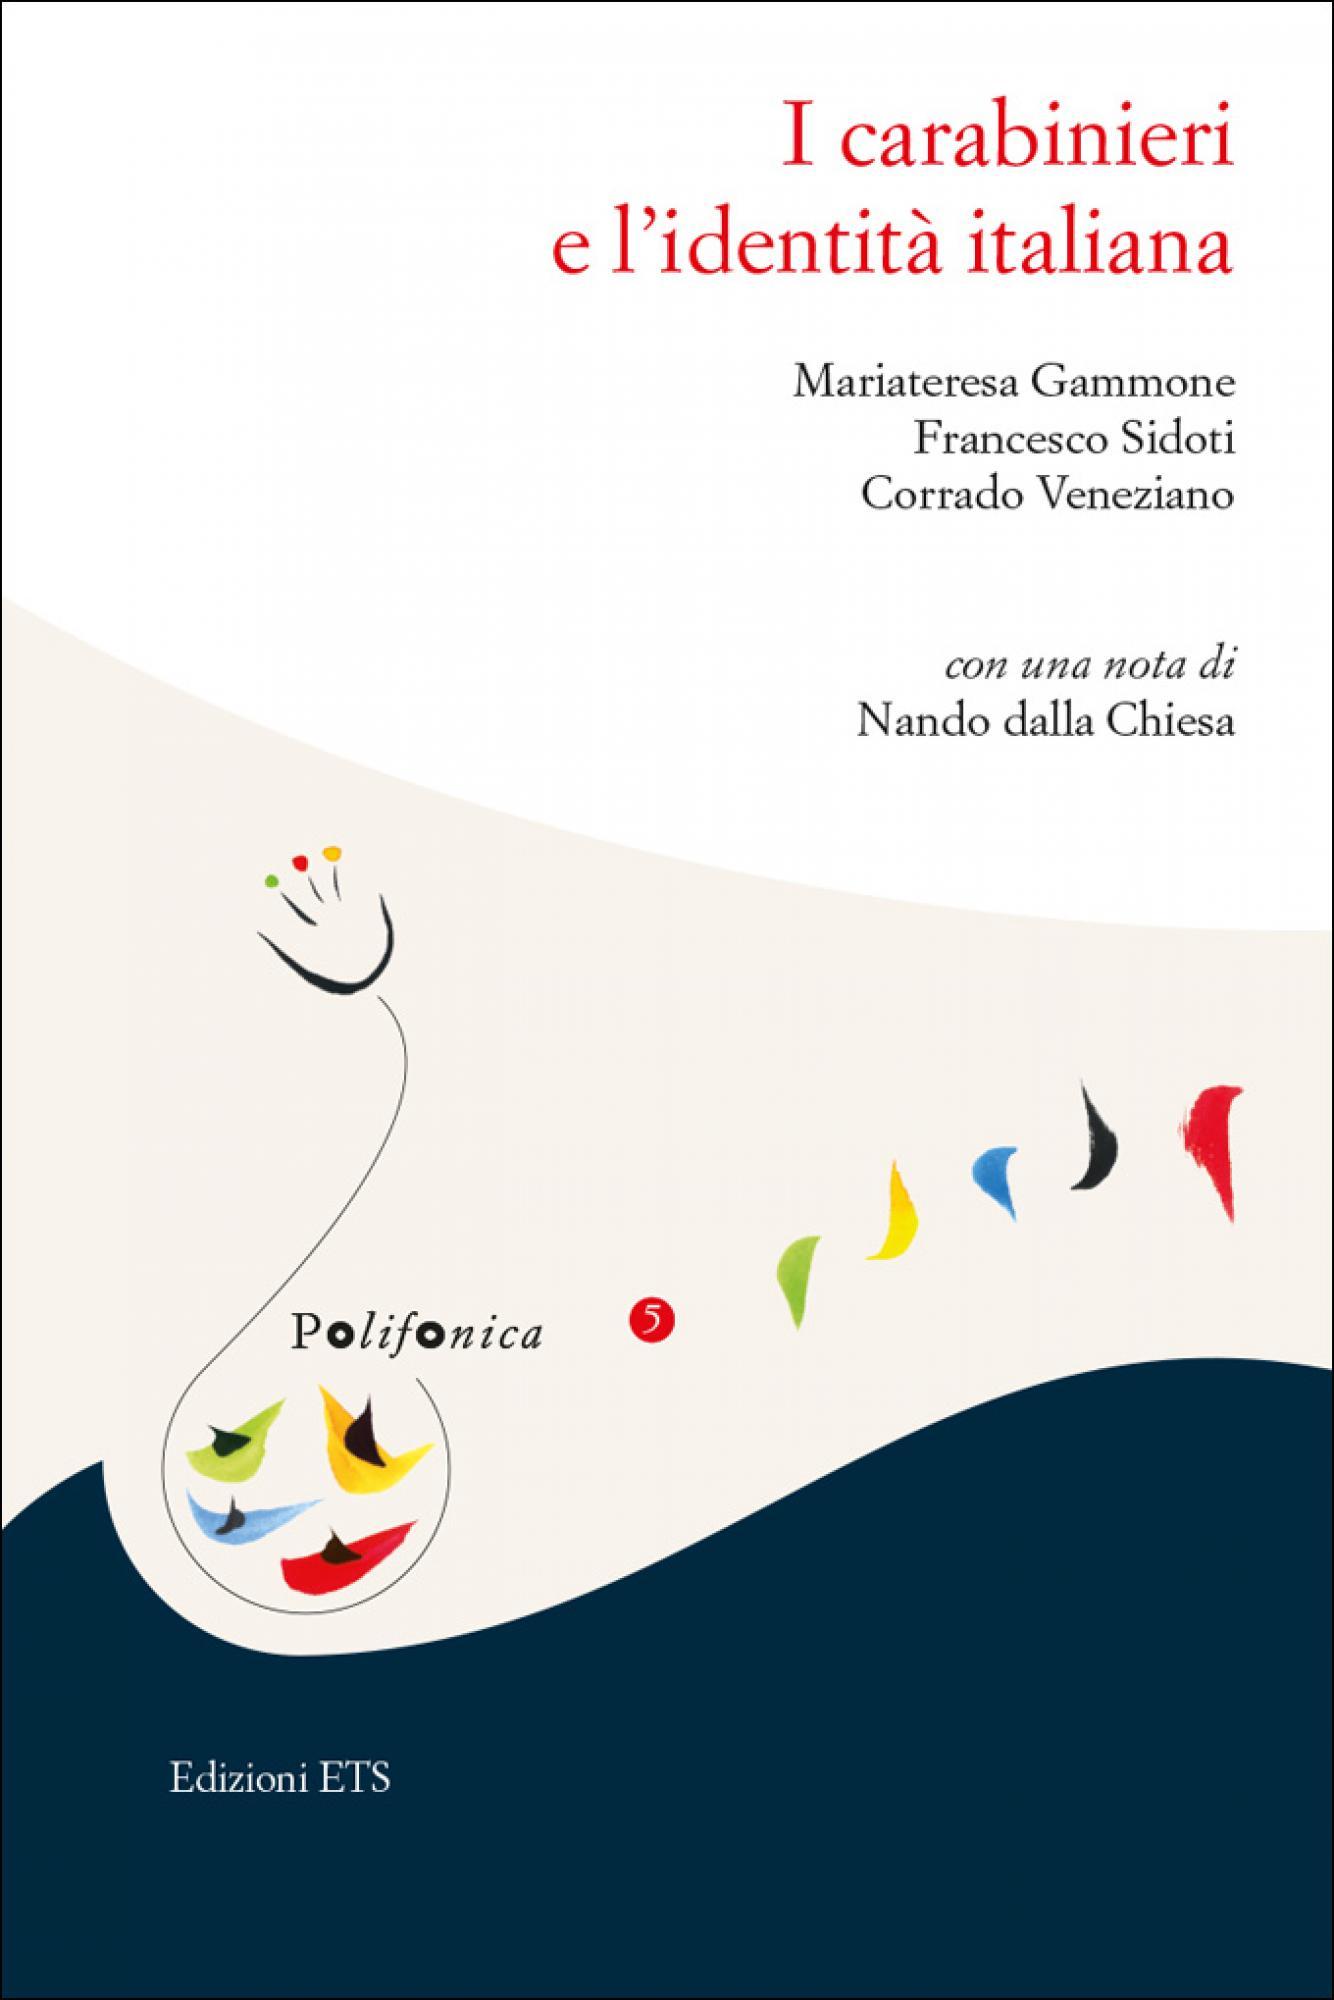 I carabinieri e l'identità italiana